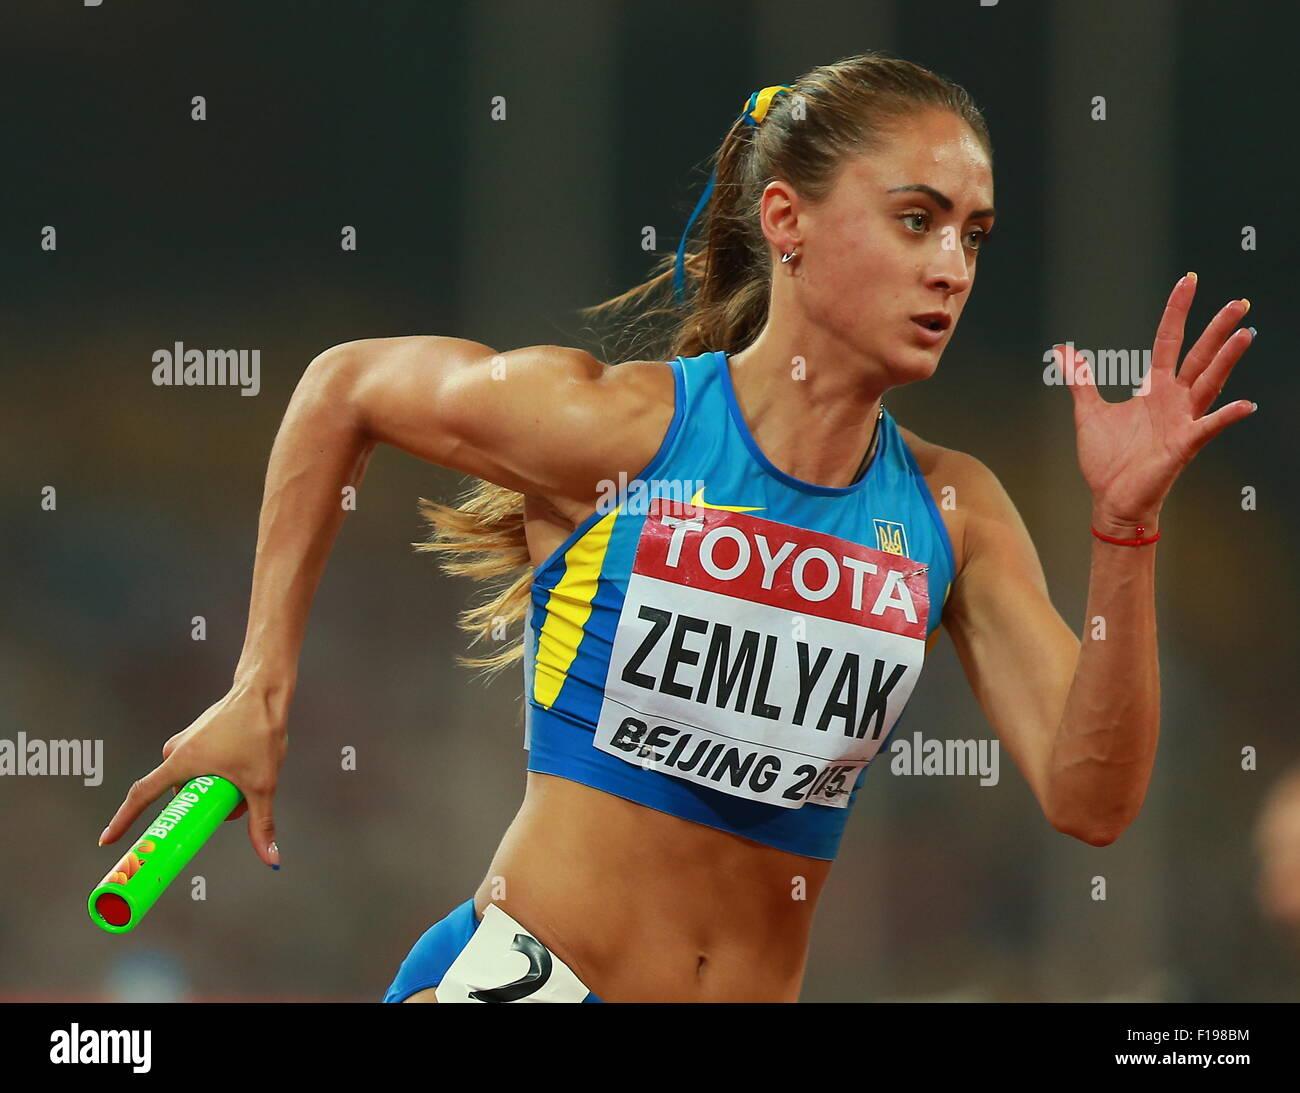 BEIJING, CHINE. Le 30 août 2015. Ukraine's Olha Zemlyak en concurrence dans le relais féminin 4x400m Photo Stock